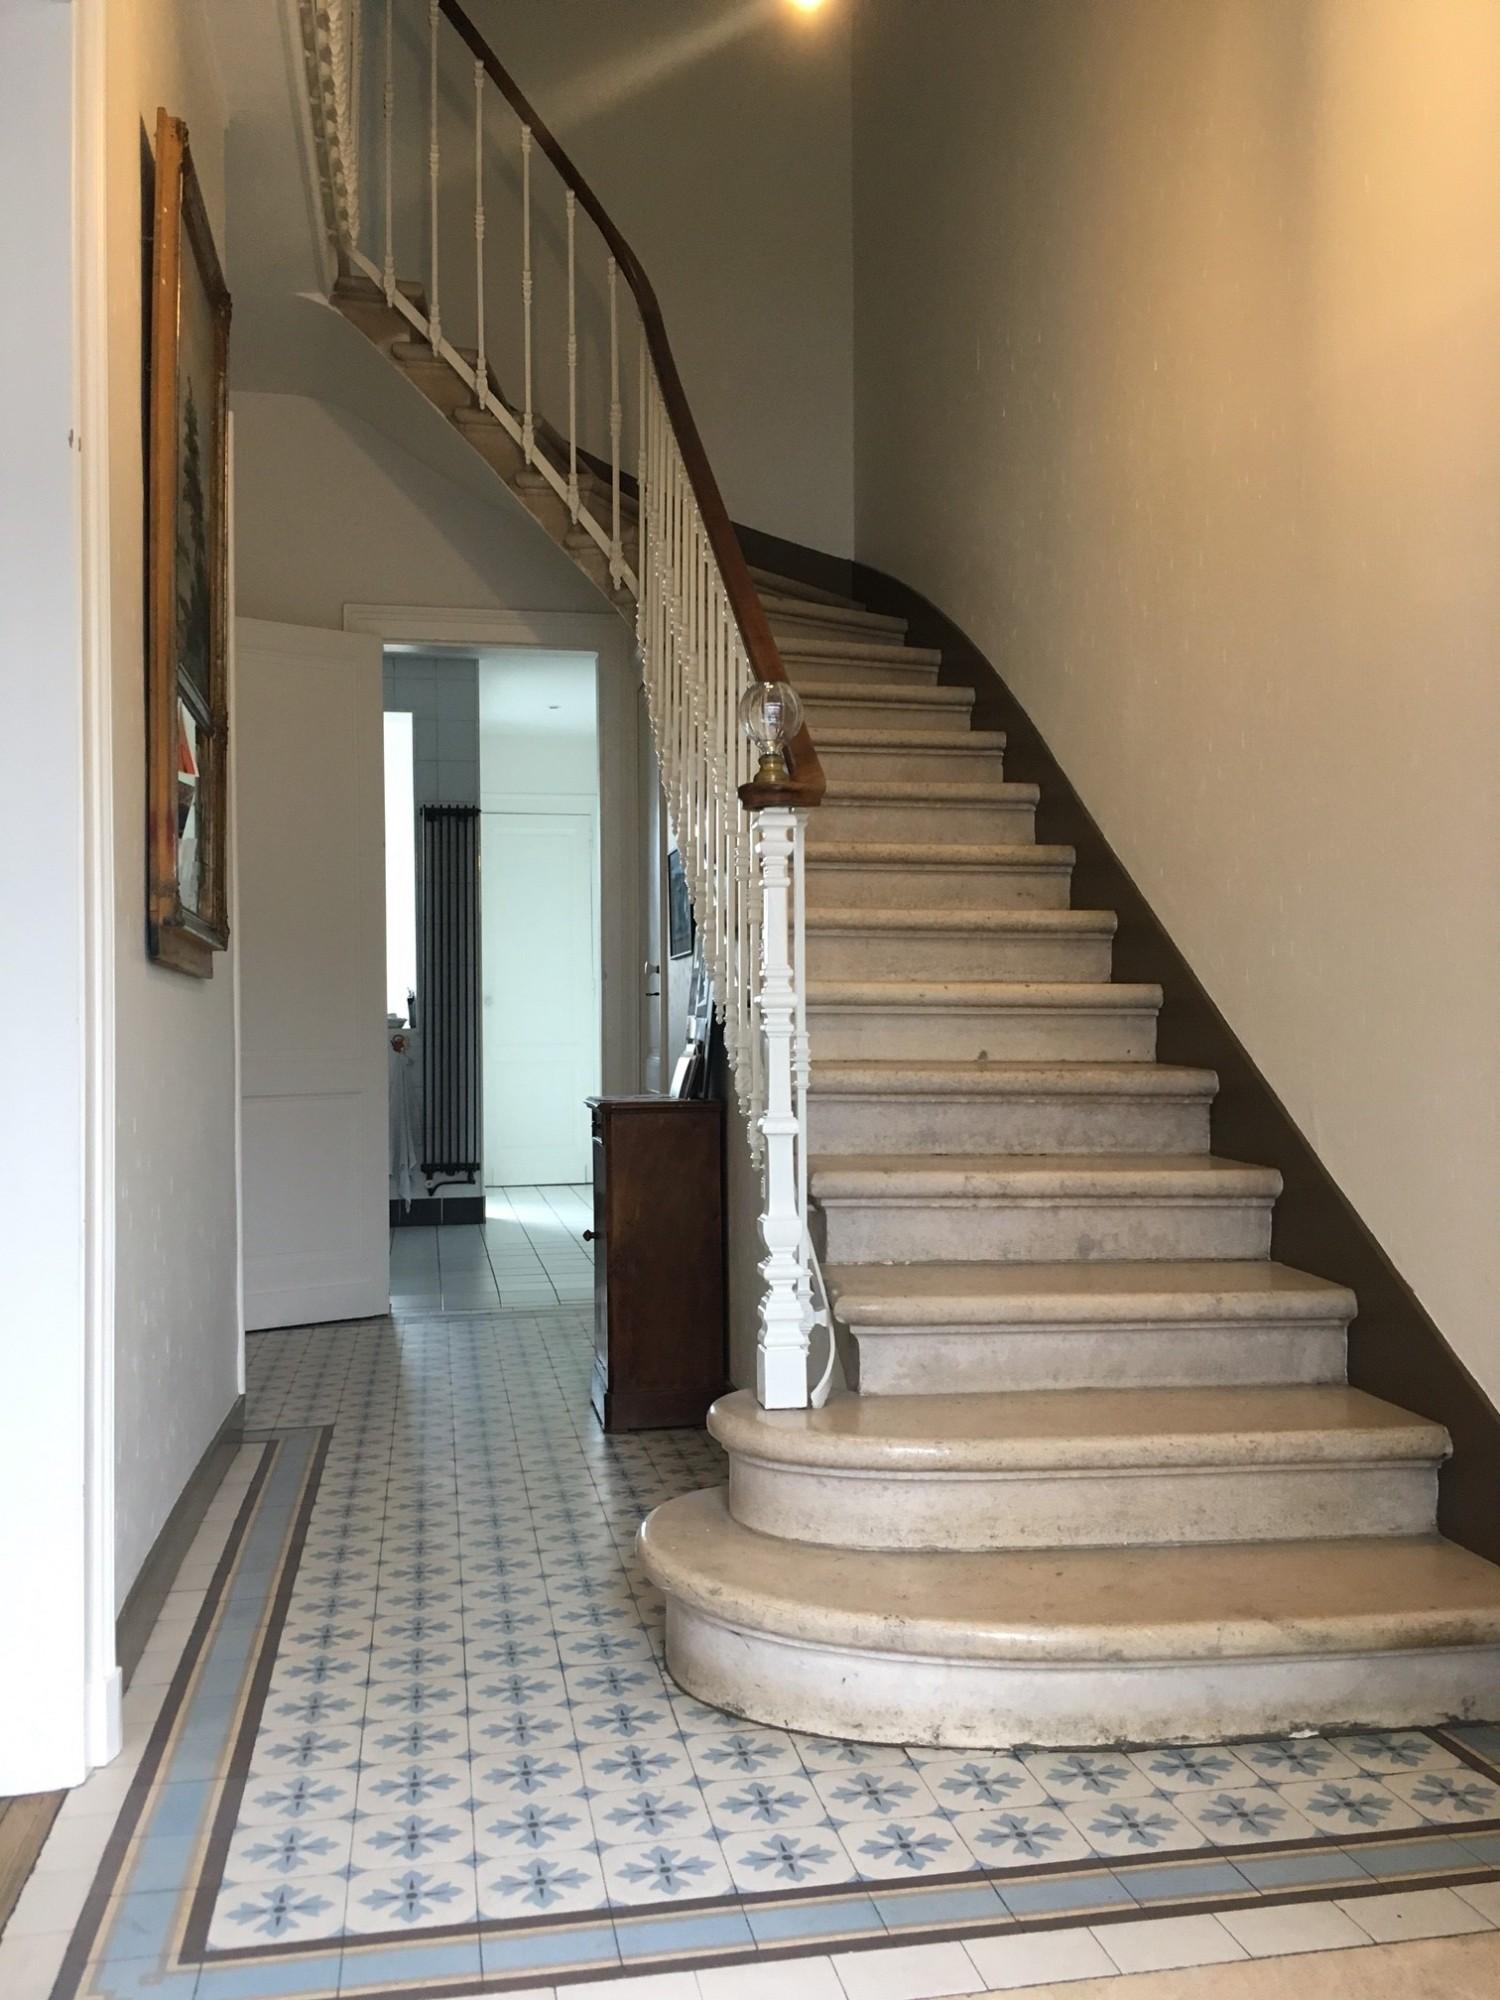 A vendre belle maison pierre 4 bordeaux bastide agence immobili re bordeaux bastide - Belles maisons bordeaux ...